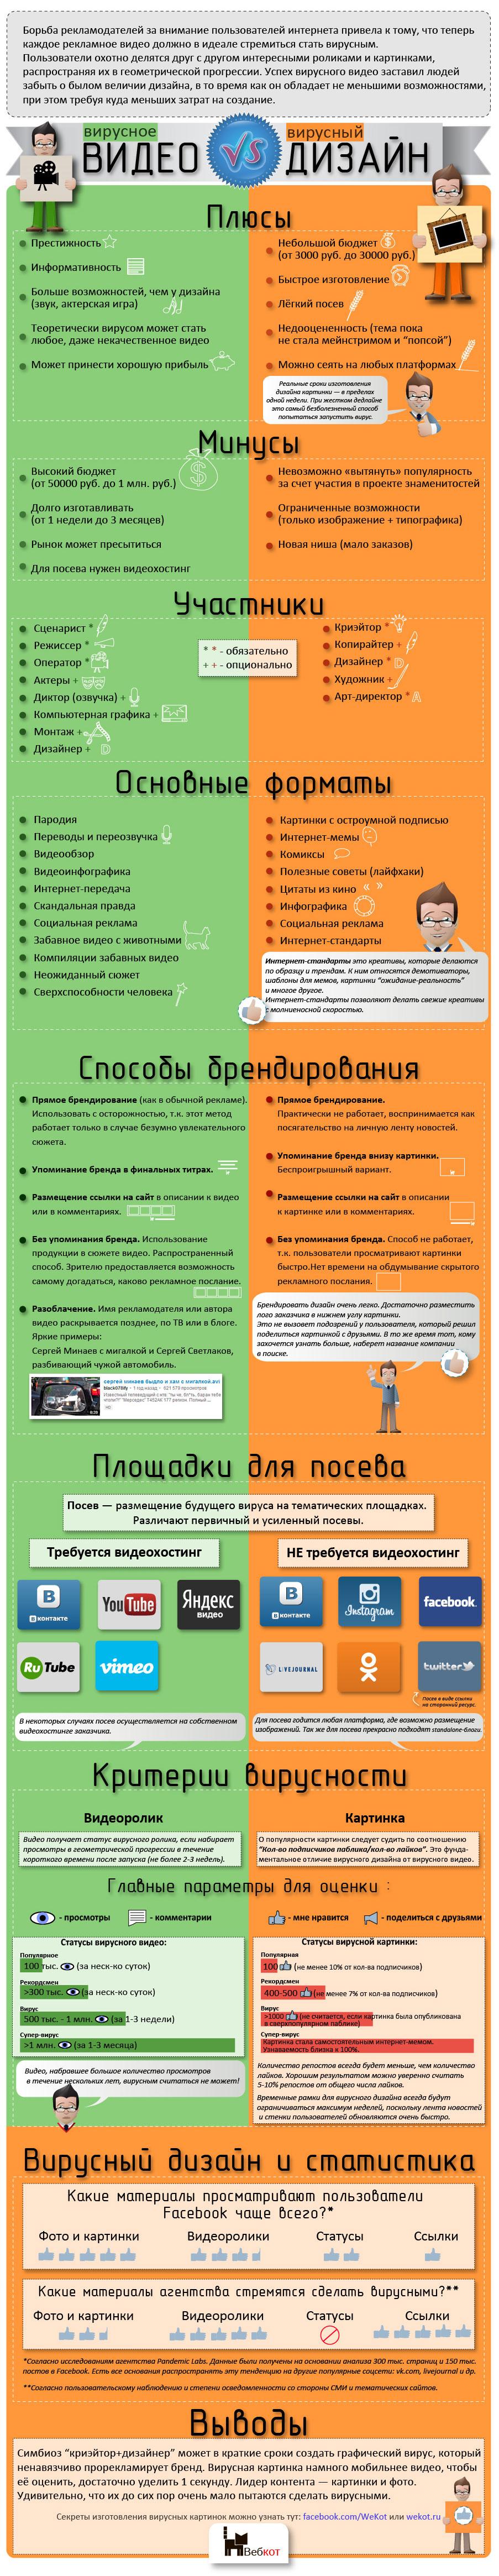 Инфографика про вирусный маркетинг